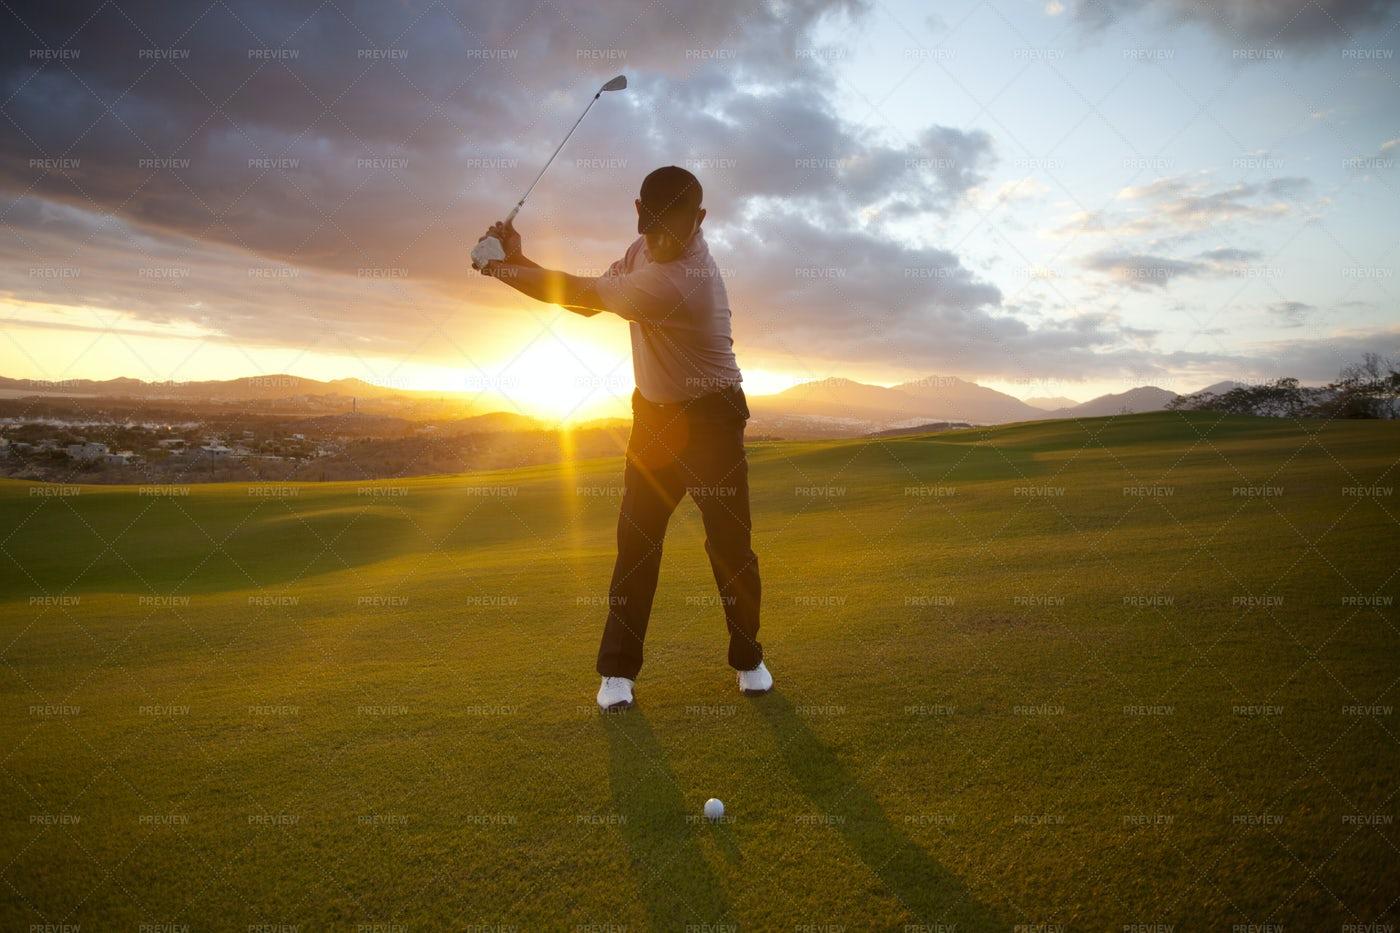 Golfer At Sunset: Stock Photos